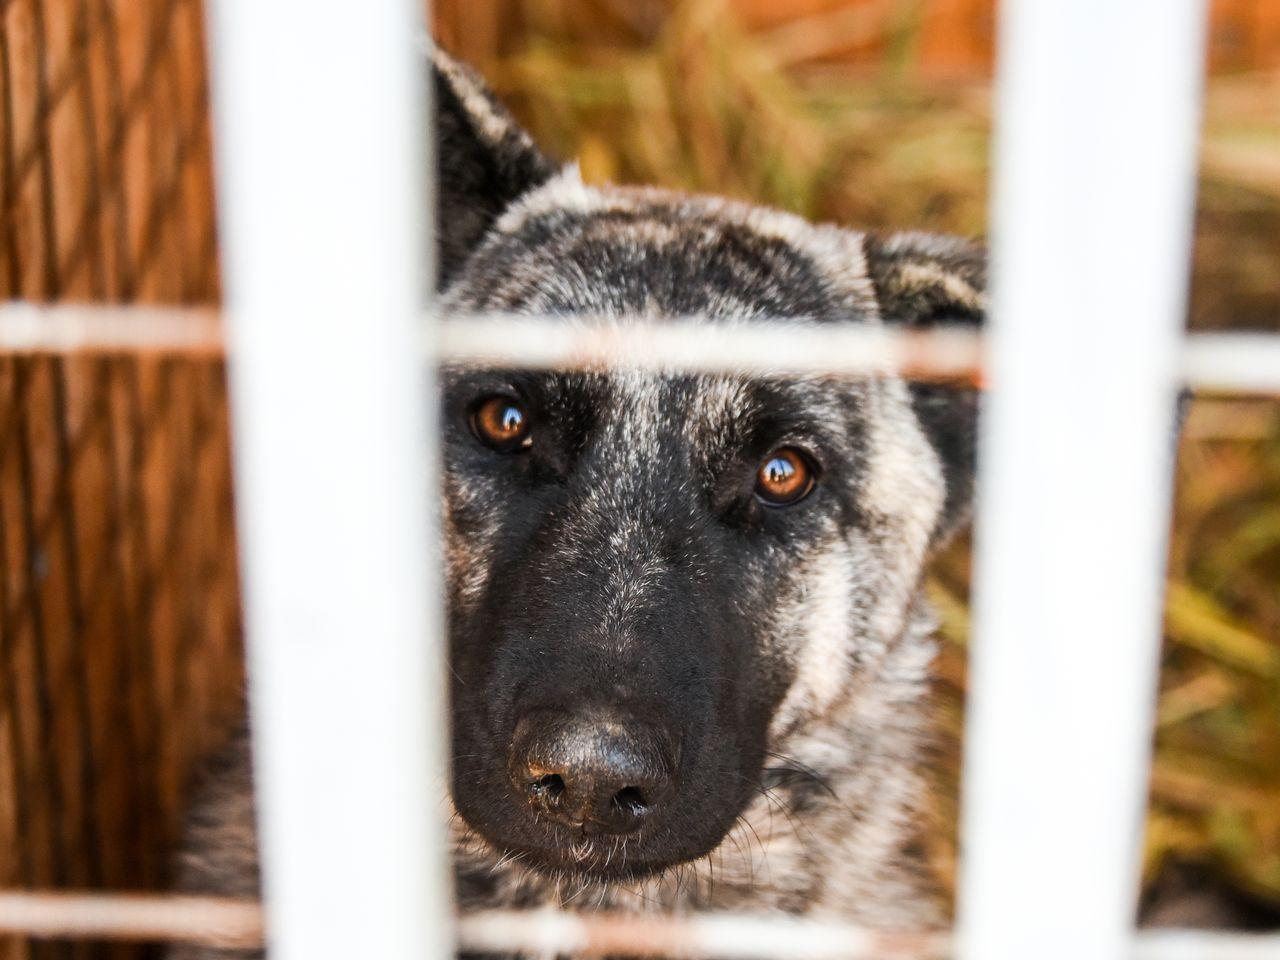 Приют для животных в Астрахани может появиться на базе Каспийской флотилии